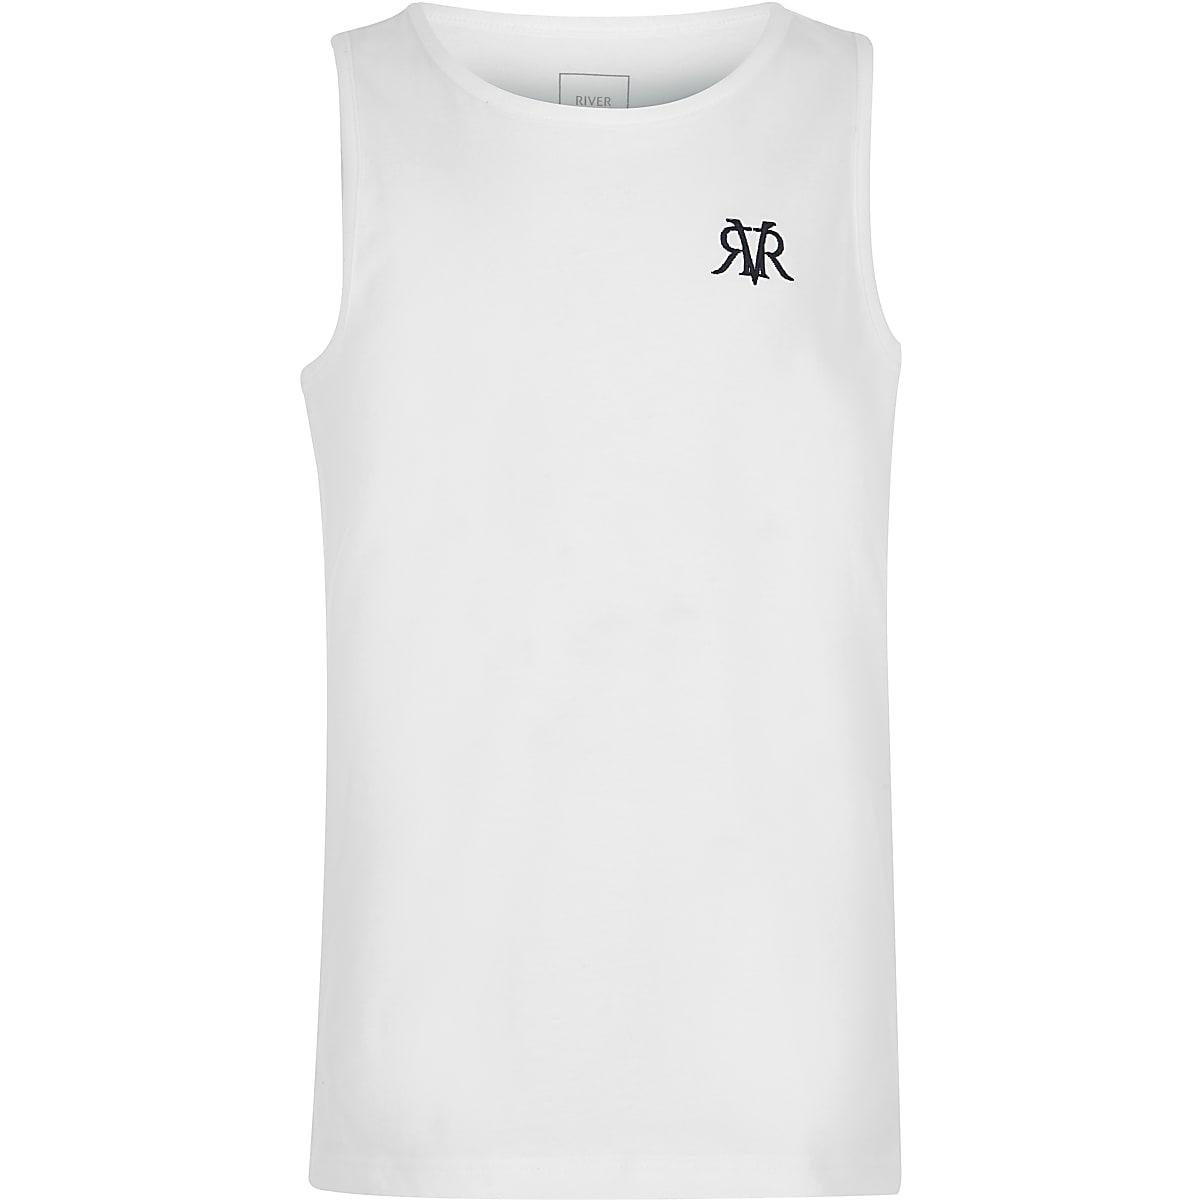 Boys white RI vest